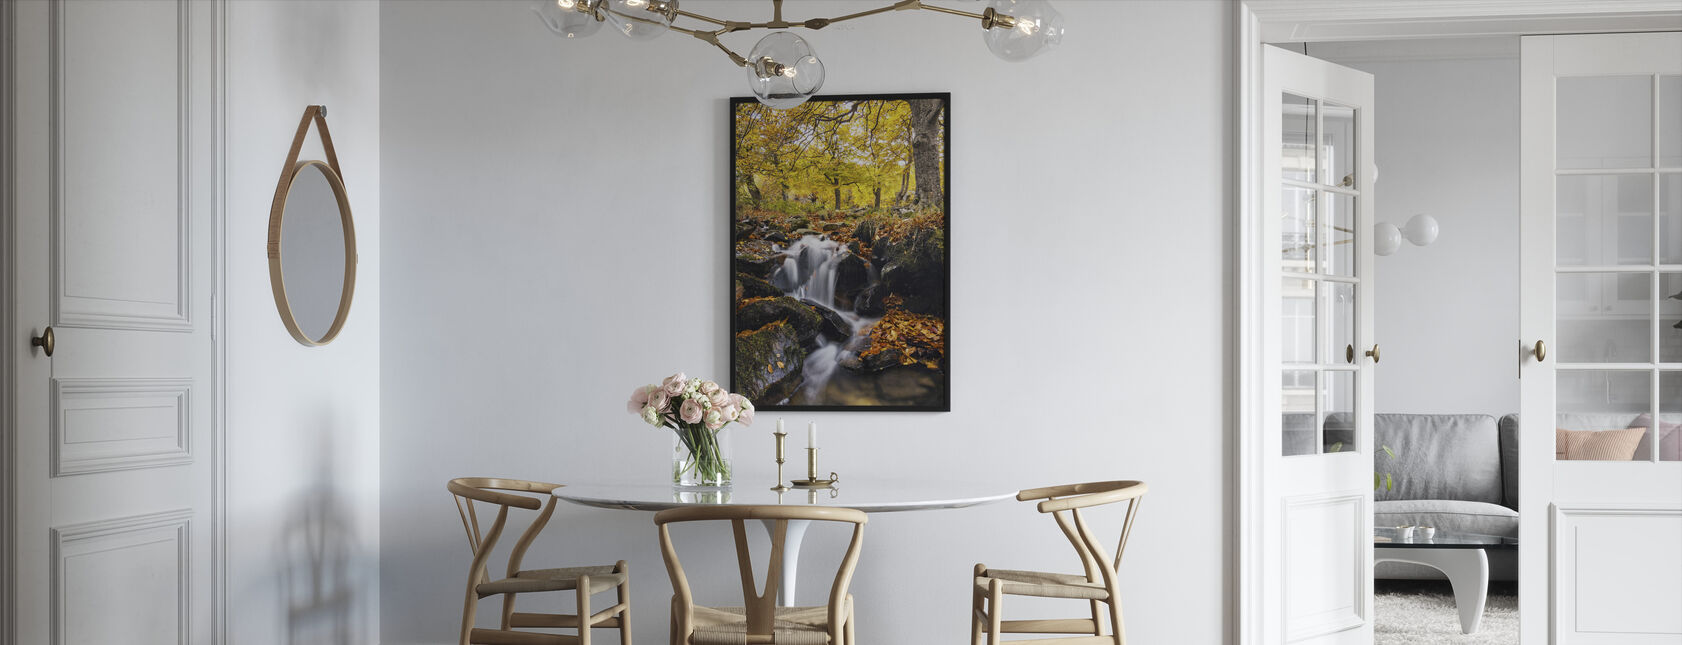 Spatten van de herfst - Ingelijste print - Keuken